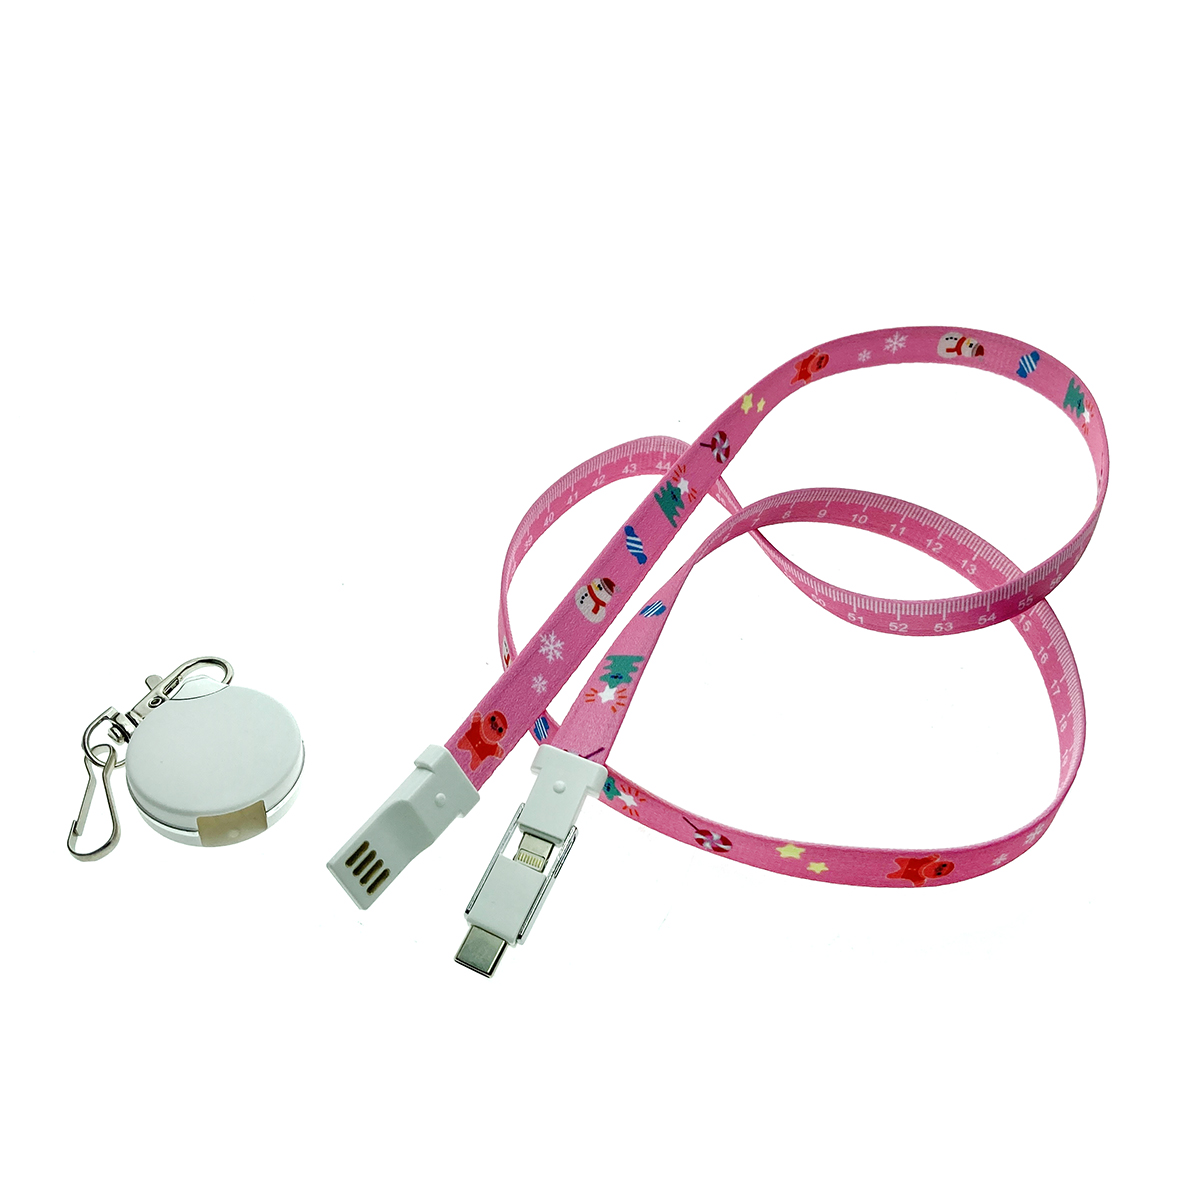 Универсальный кабель - переходник 3в1, Type-C + micro USB + iphone Lightning 8pin, Elyard3i1 розовый, ремешок на шею